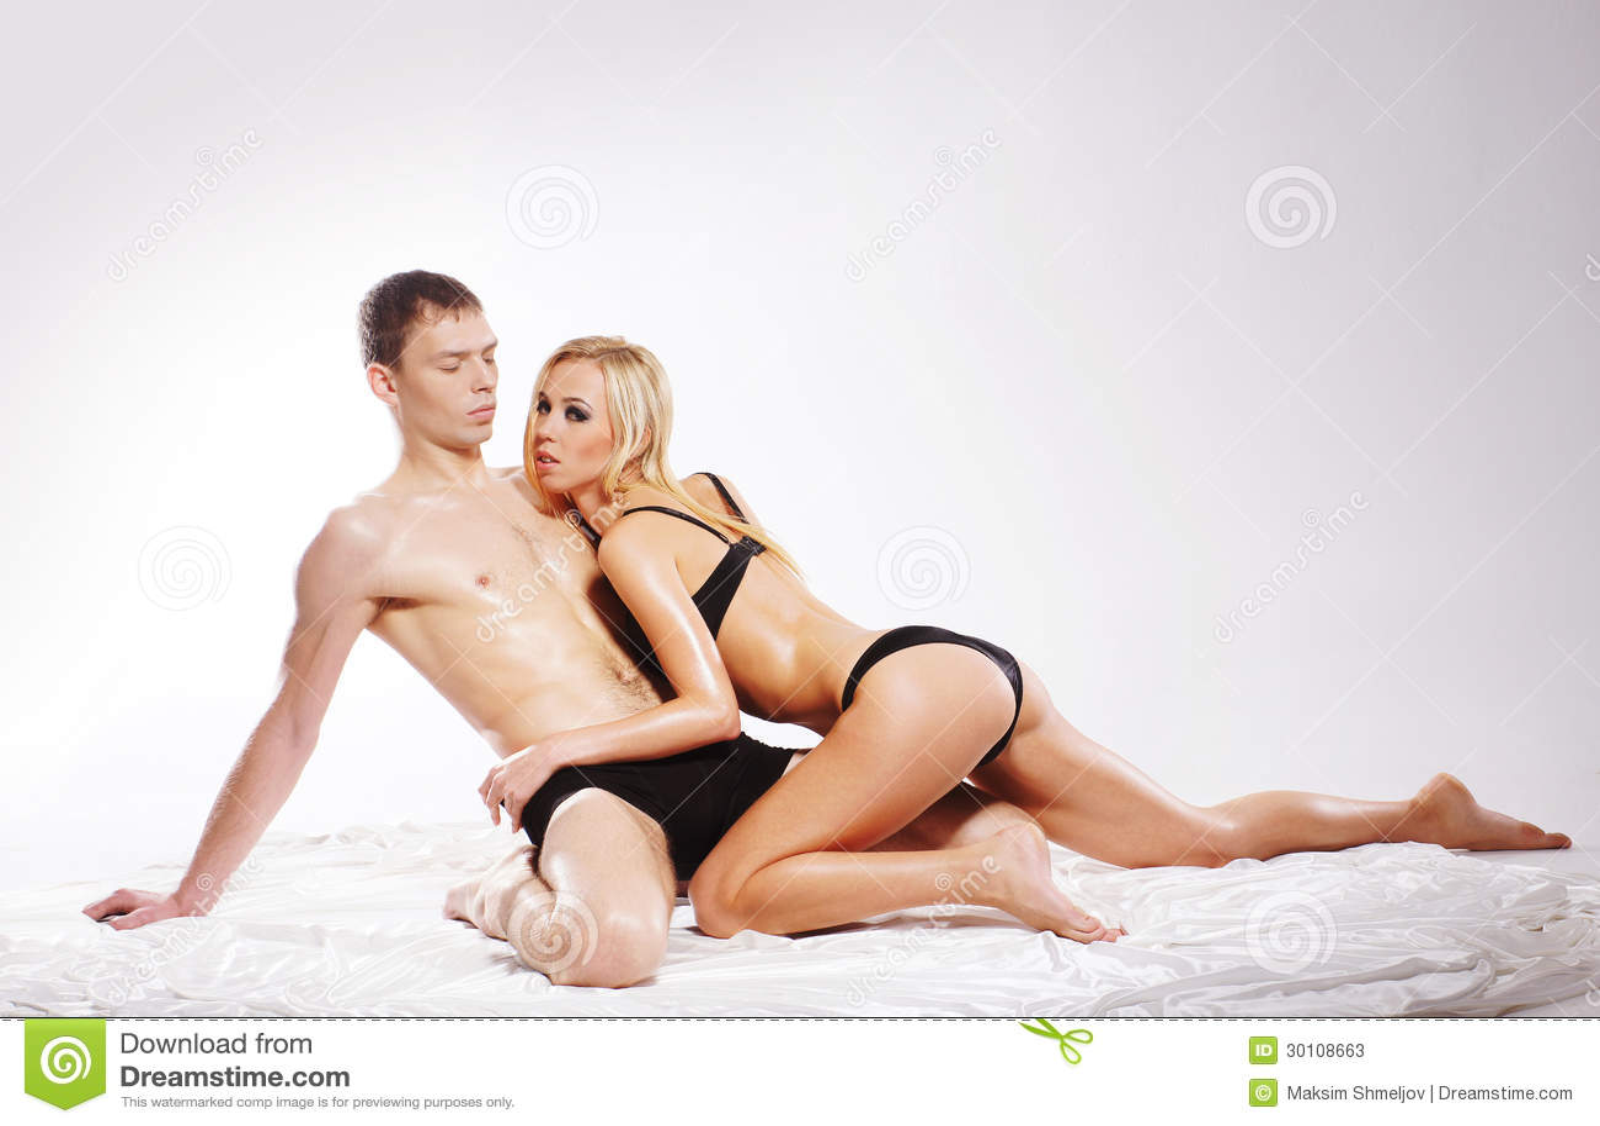 Erotic dream of